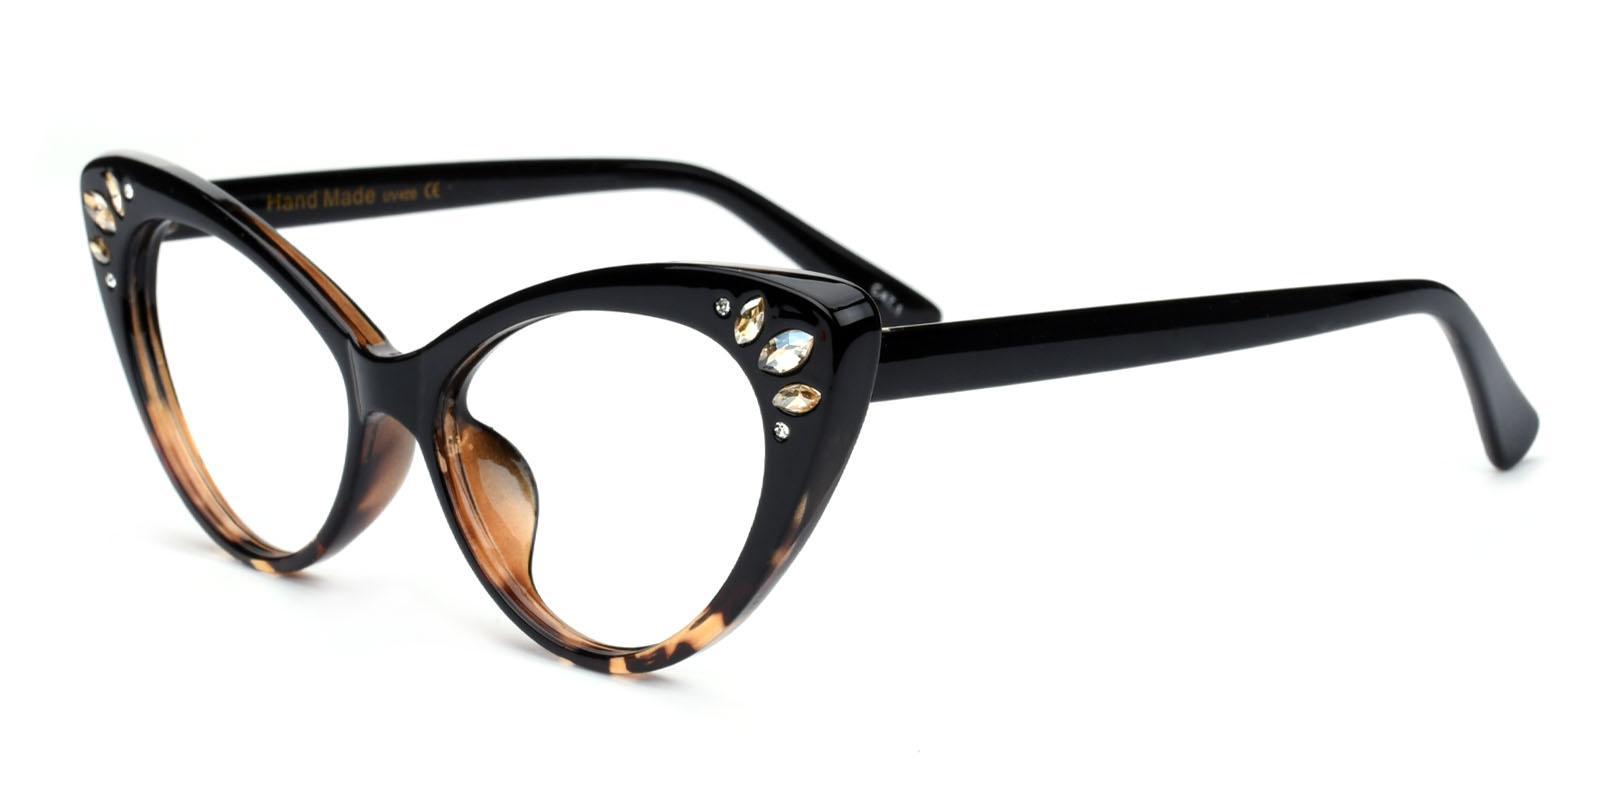 Samber-Tortoise-Cat-Plastic-Eyeglasses-detail